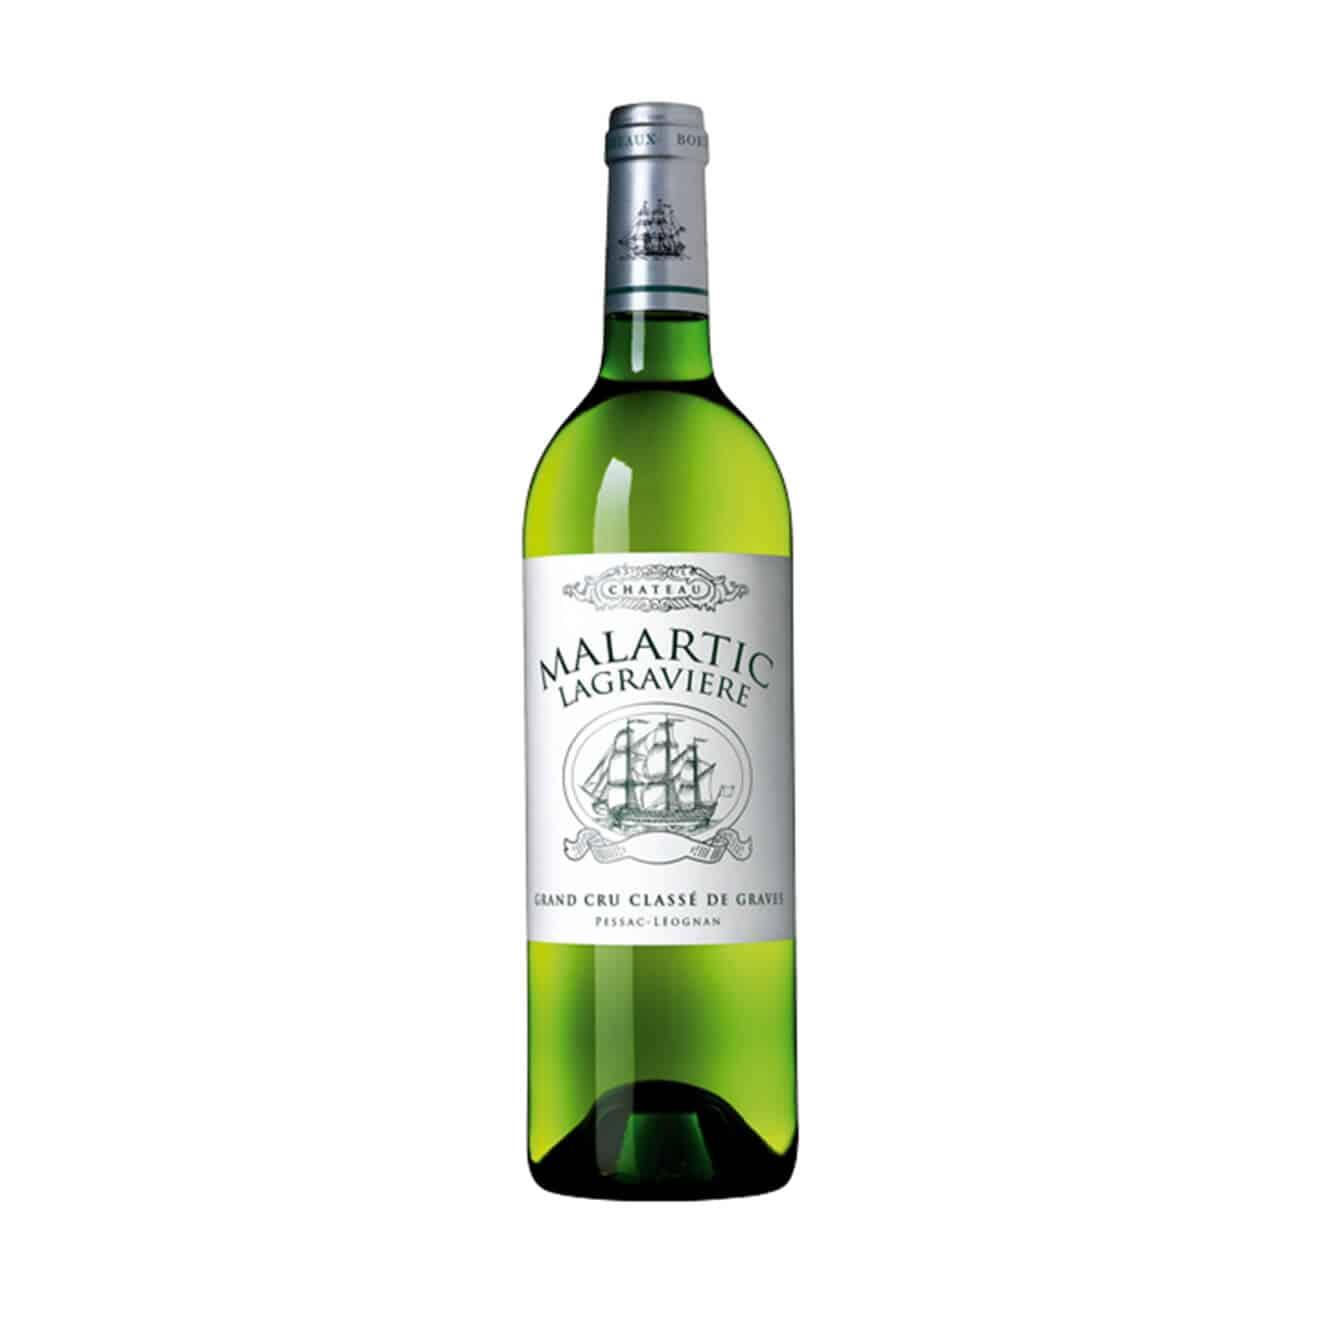 Château Malartic Lagravière blanc 2015